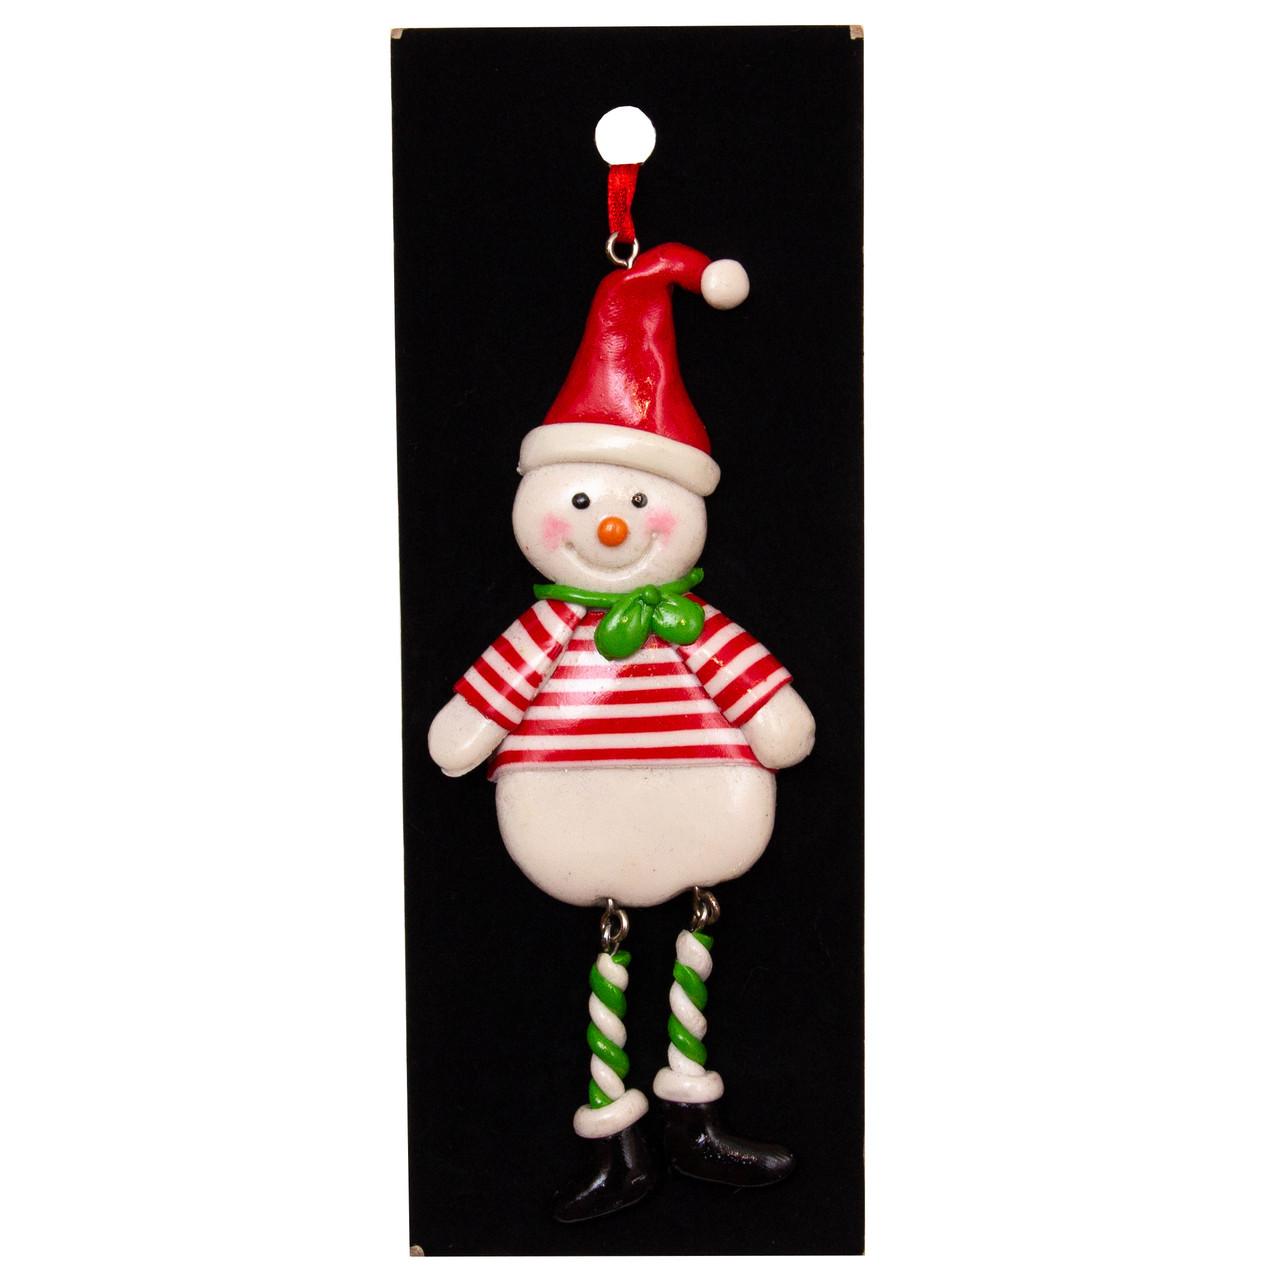 Елочная игрушка Снеговик в полоску, полирезин, 13 см (001583-3)